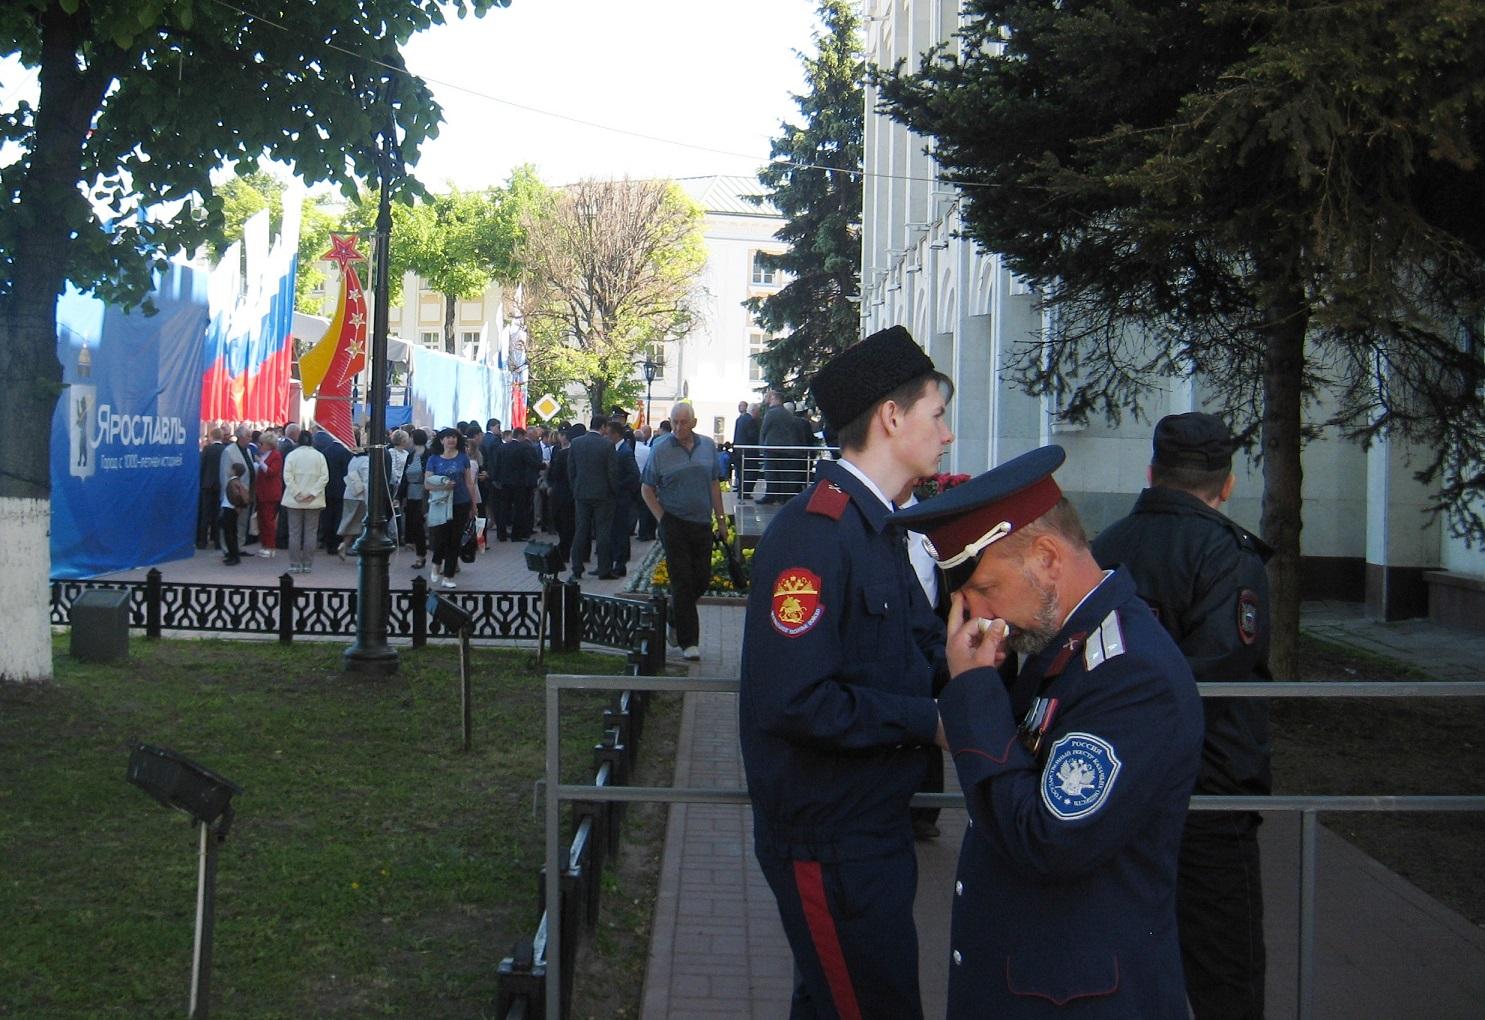 Ярославль будущие пенсионеры приравняли к деревне